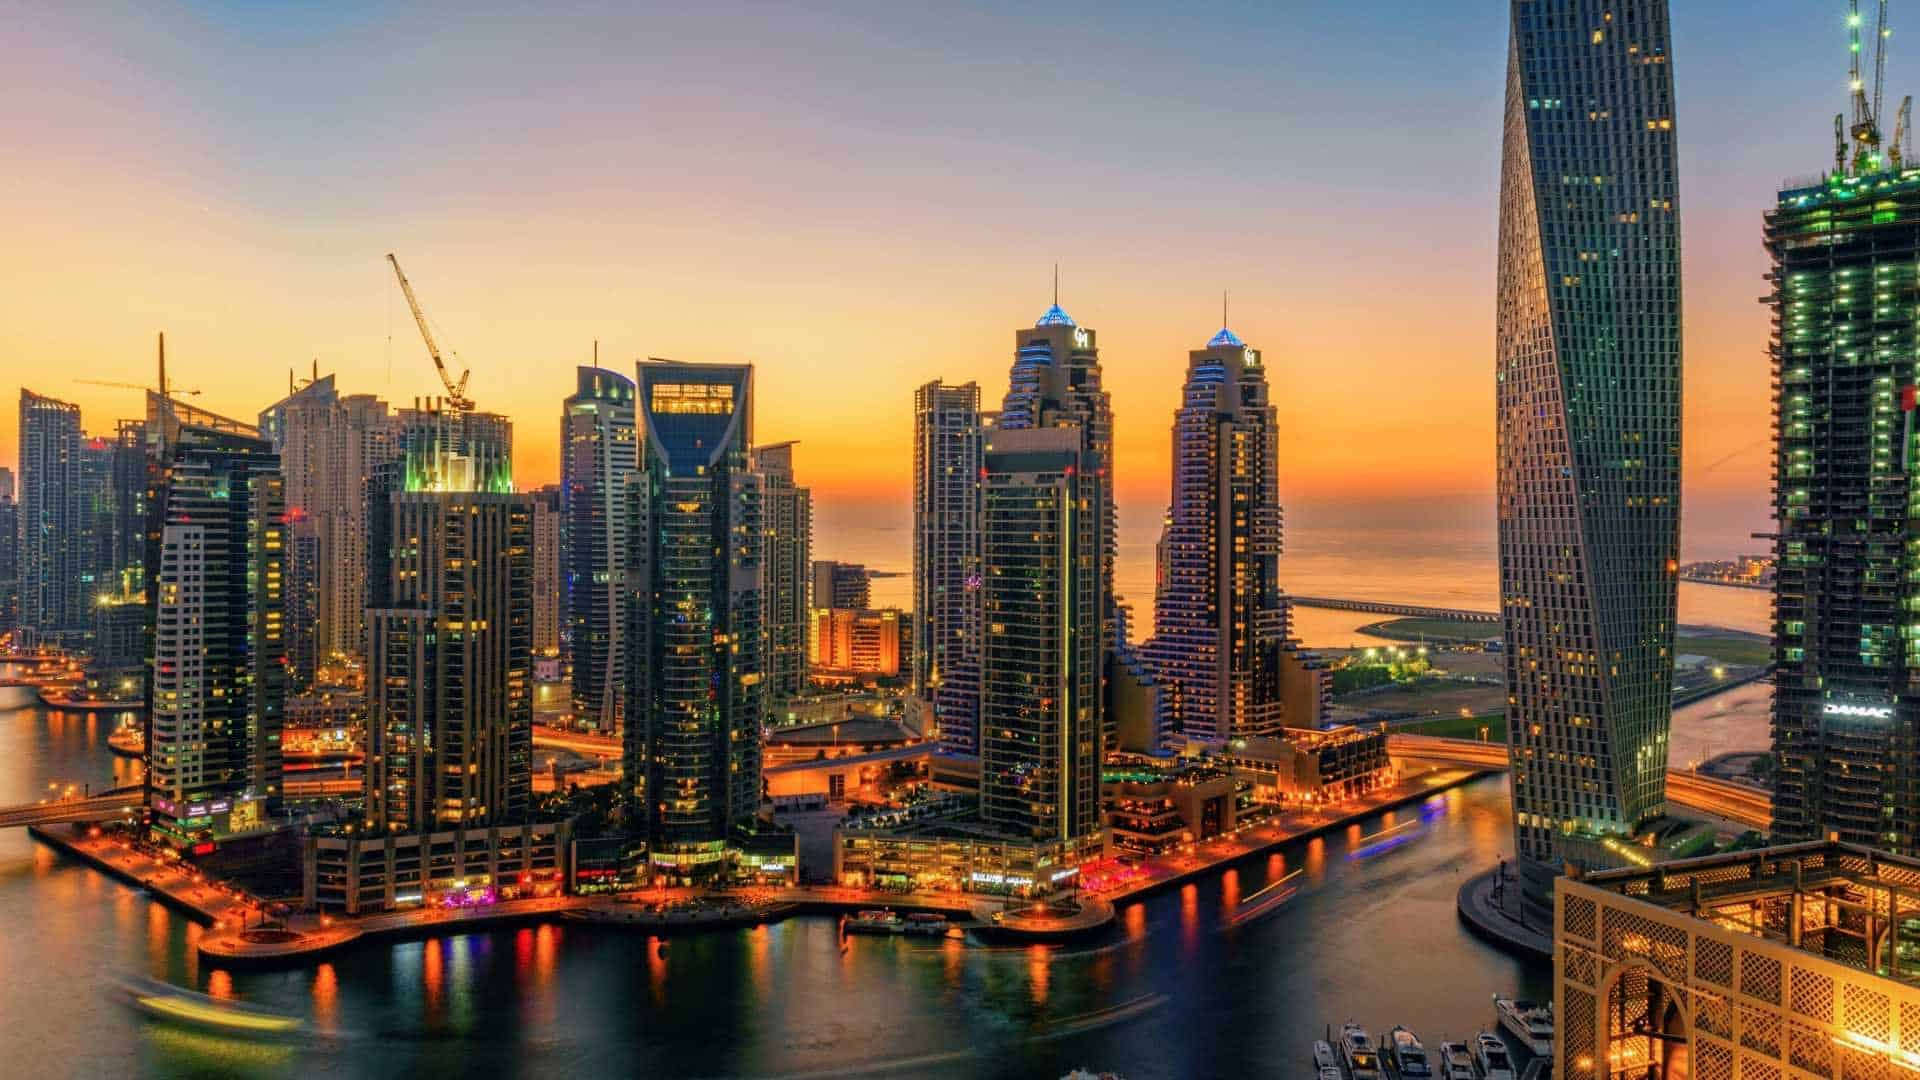 أماكن يزورها المشاهير للسياحة دبي